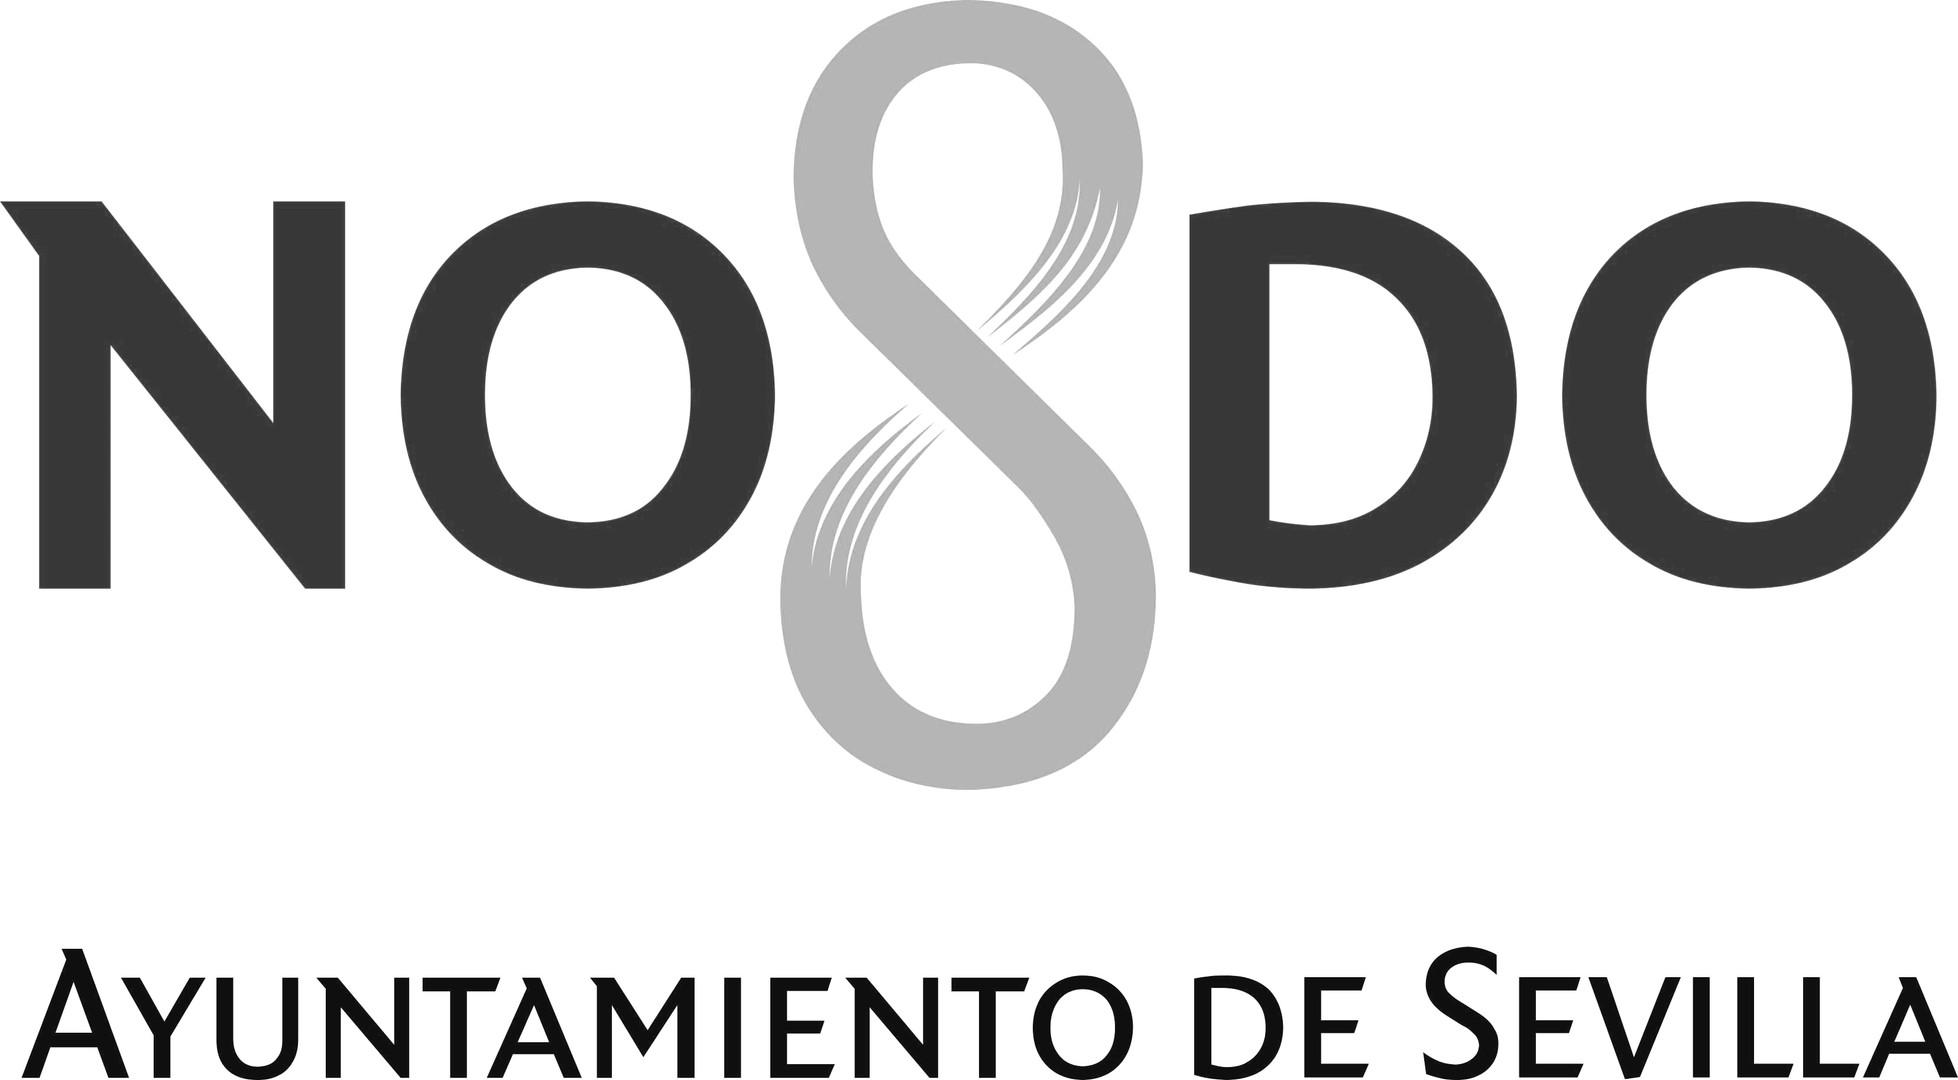 Logotipo-Municipal-Ayuntamiento-de-Sevil